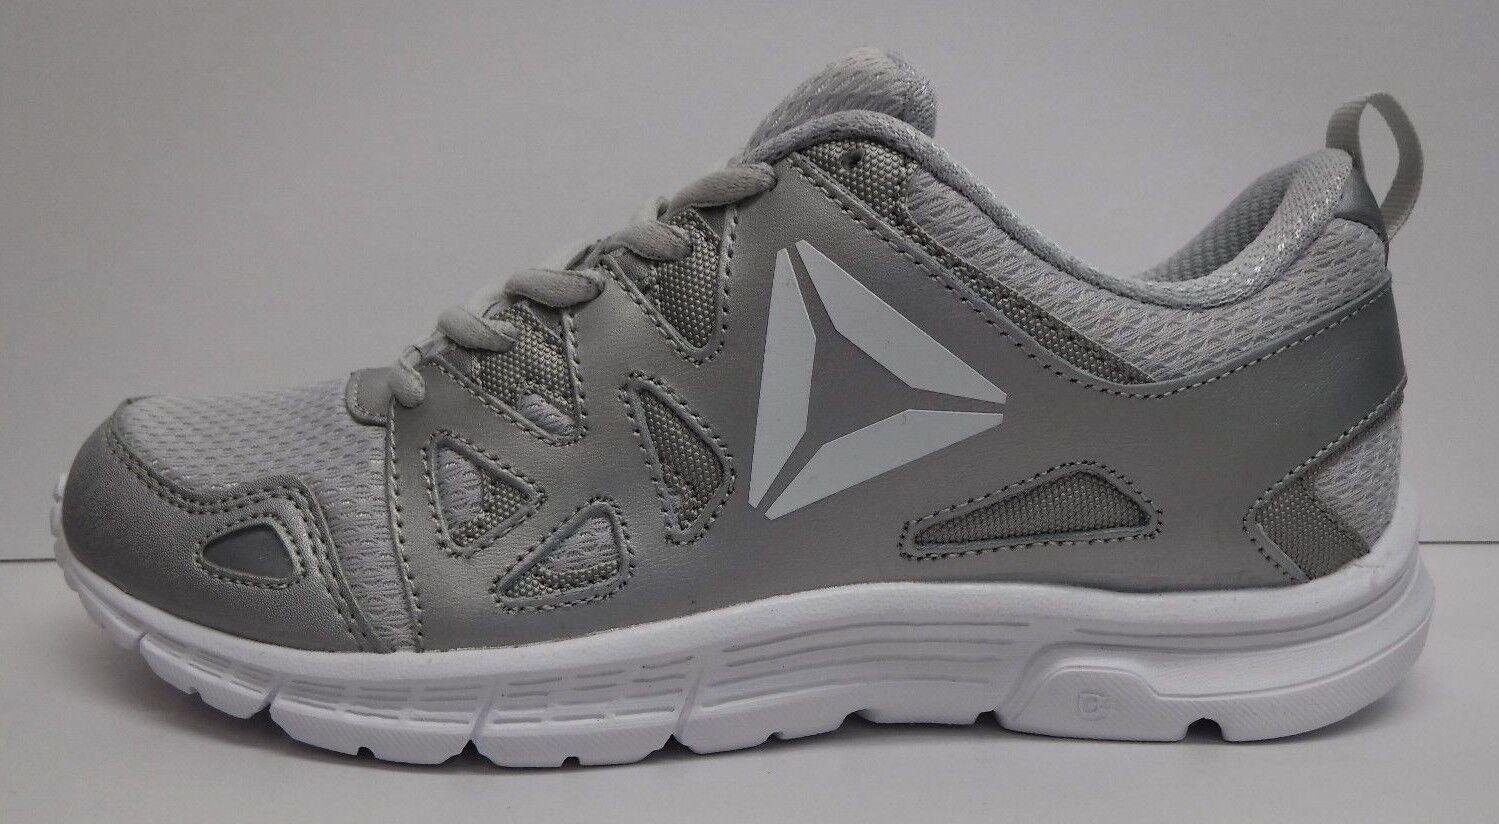 Reebok Größe 7 Silver Gray Running Sneakers NEU Damenschuhe Schuhes